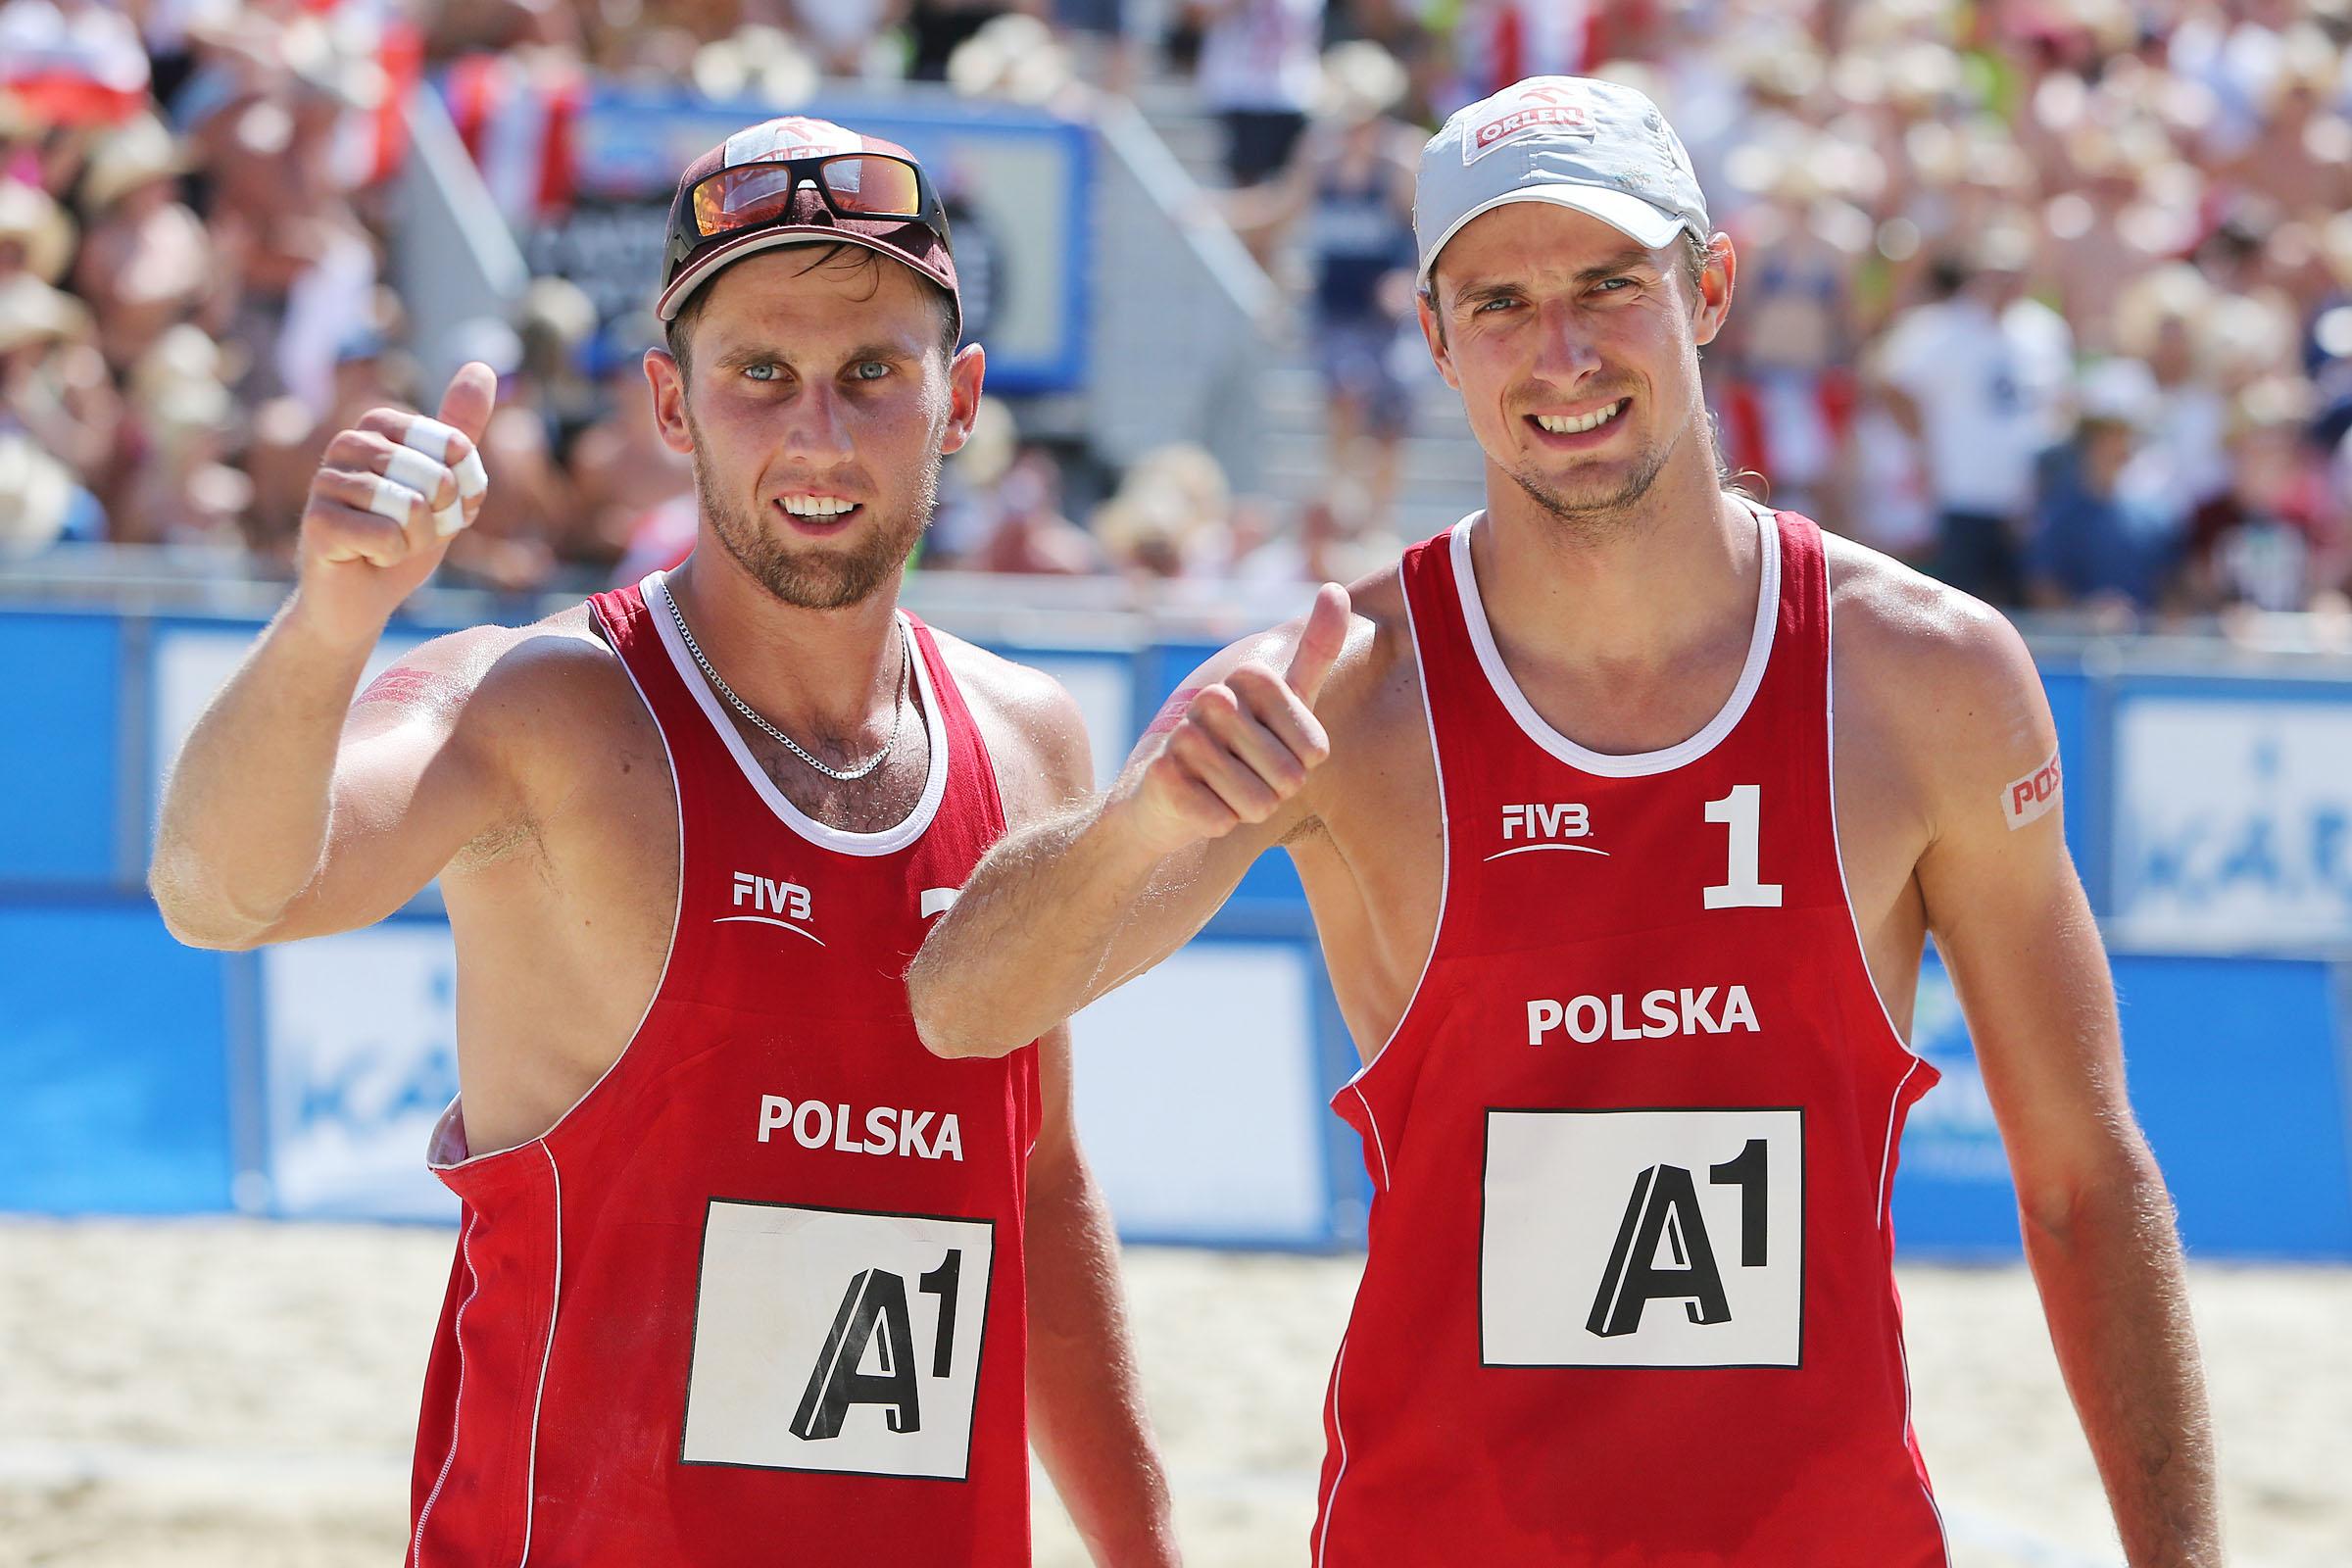 Mariusz Prudel and Grzegorz Fijalek